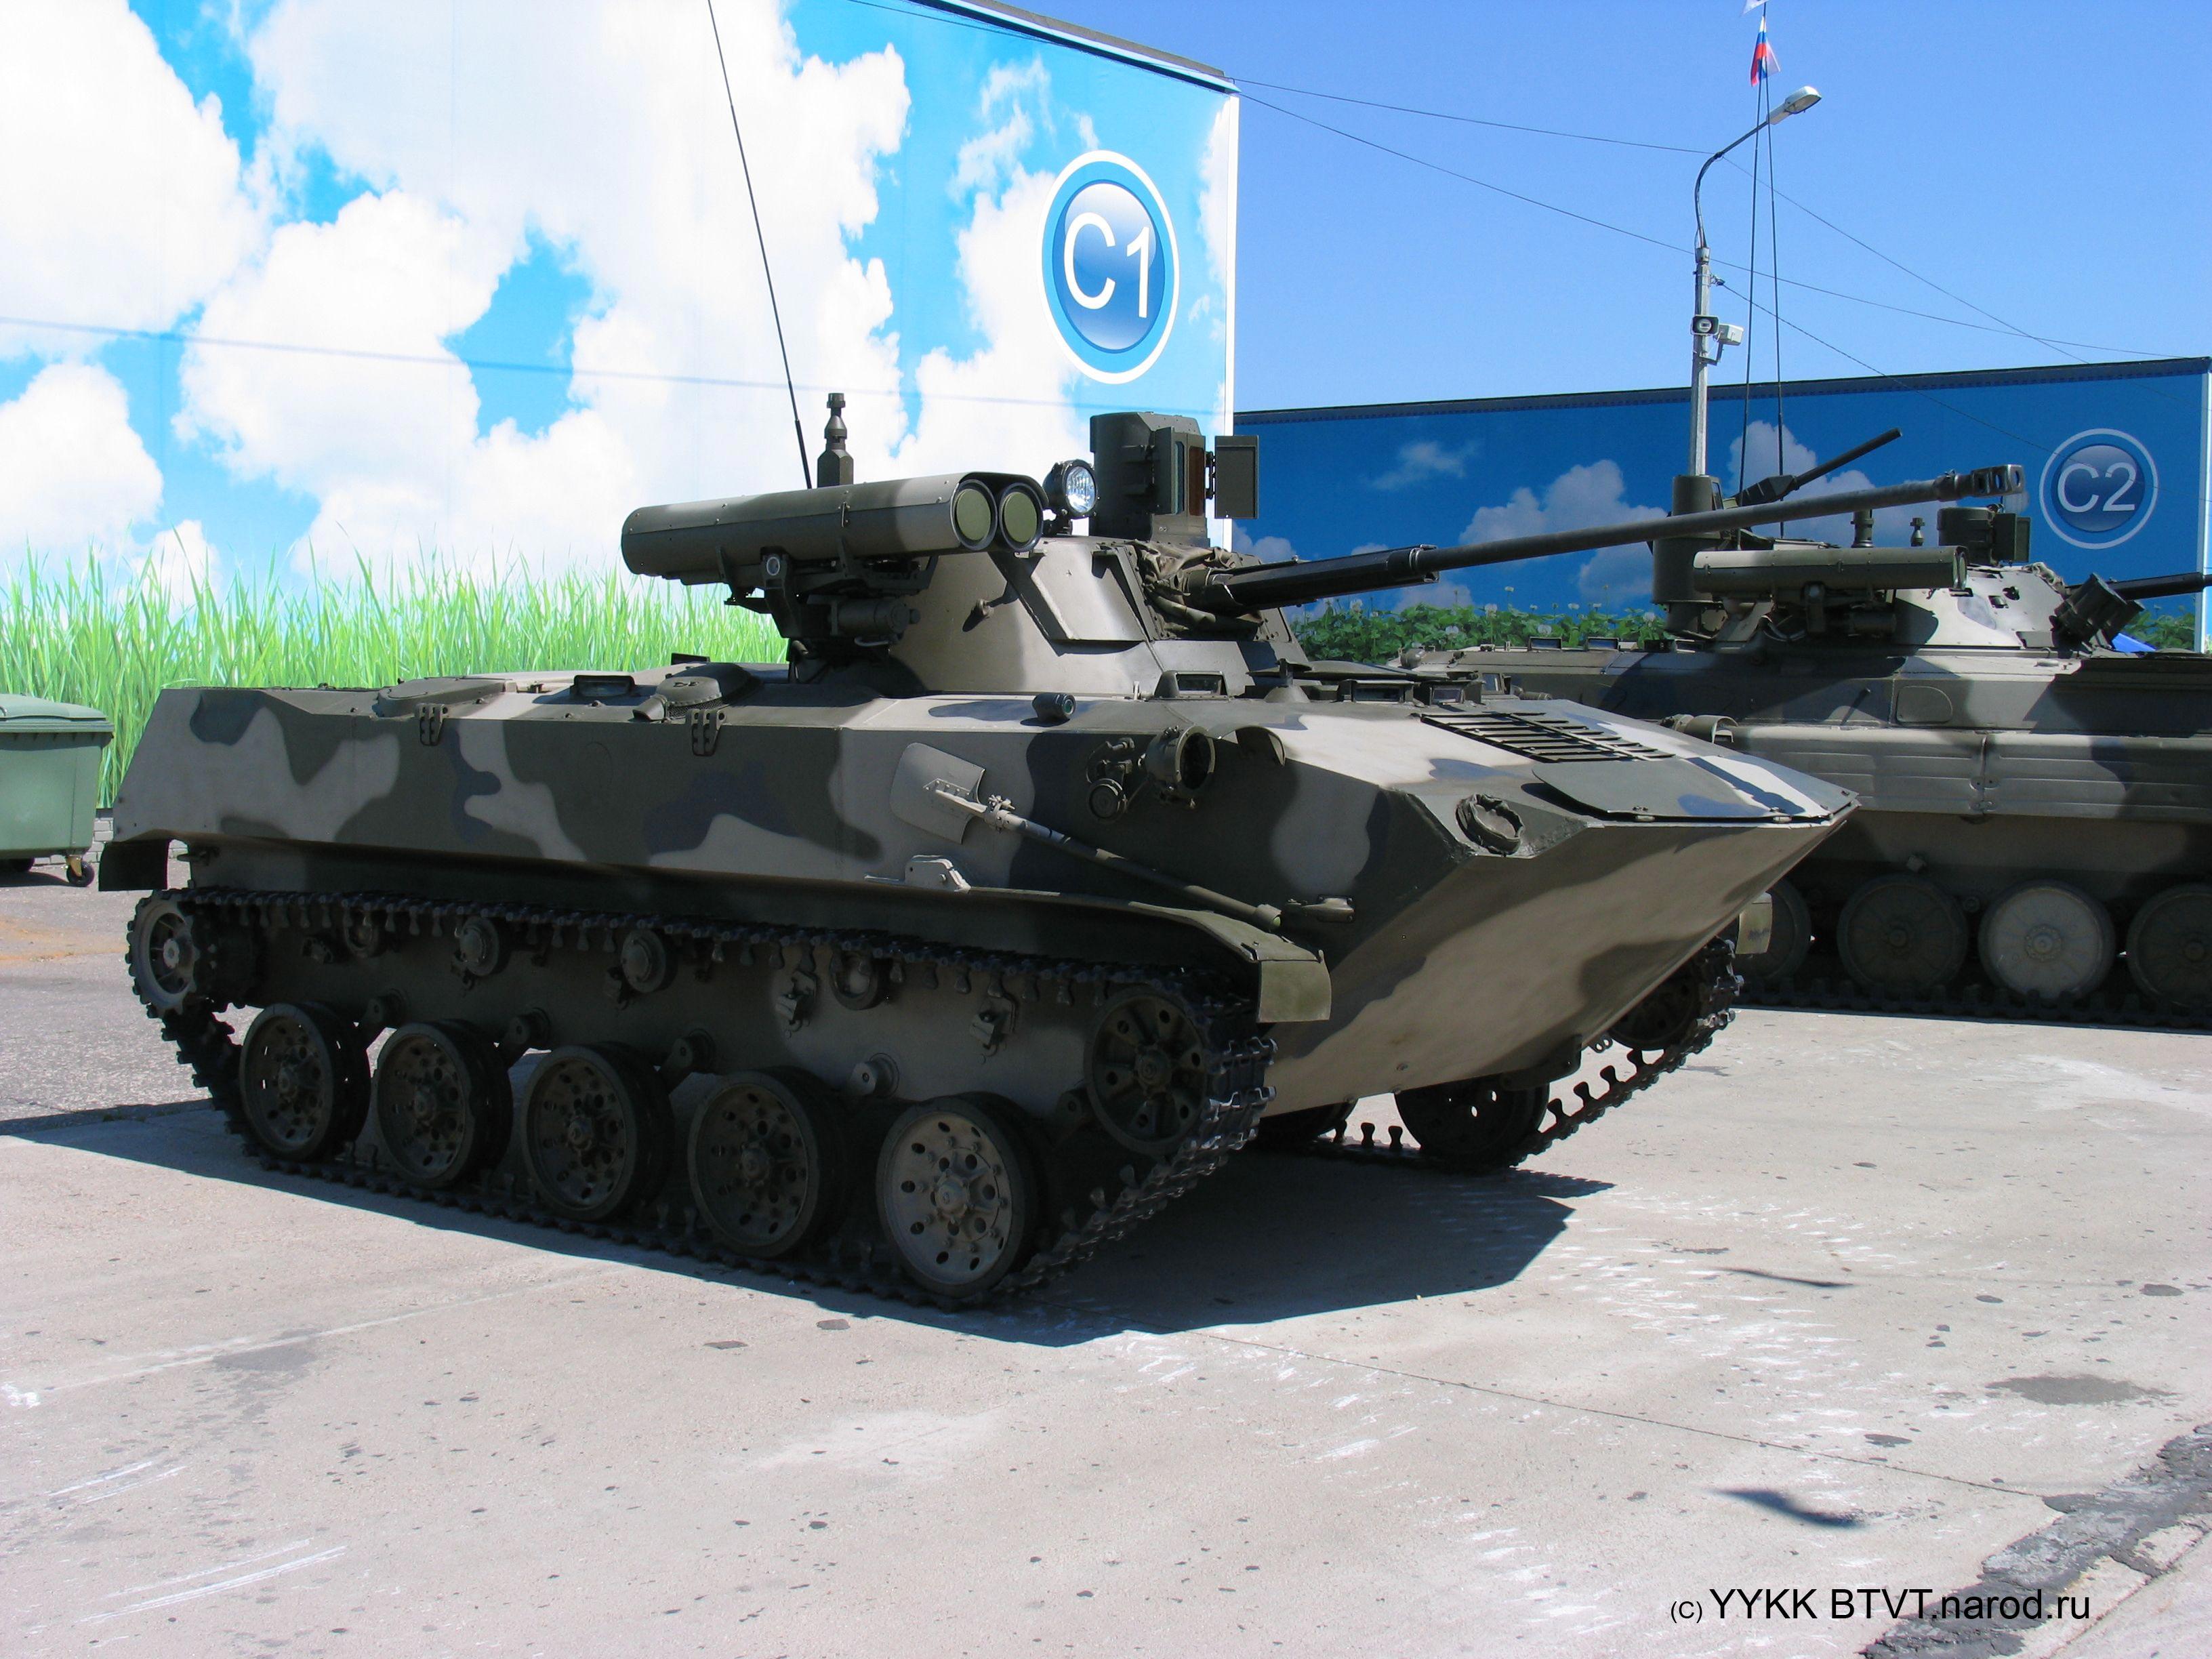 http://www.btvt.narod.ru/5/2010/IMG_4466.jpg